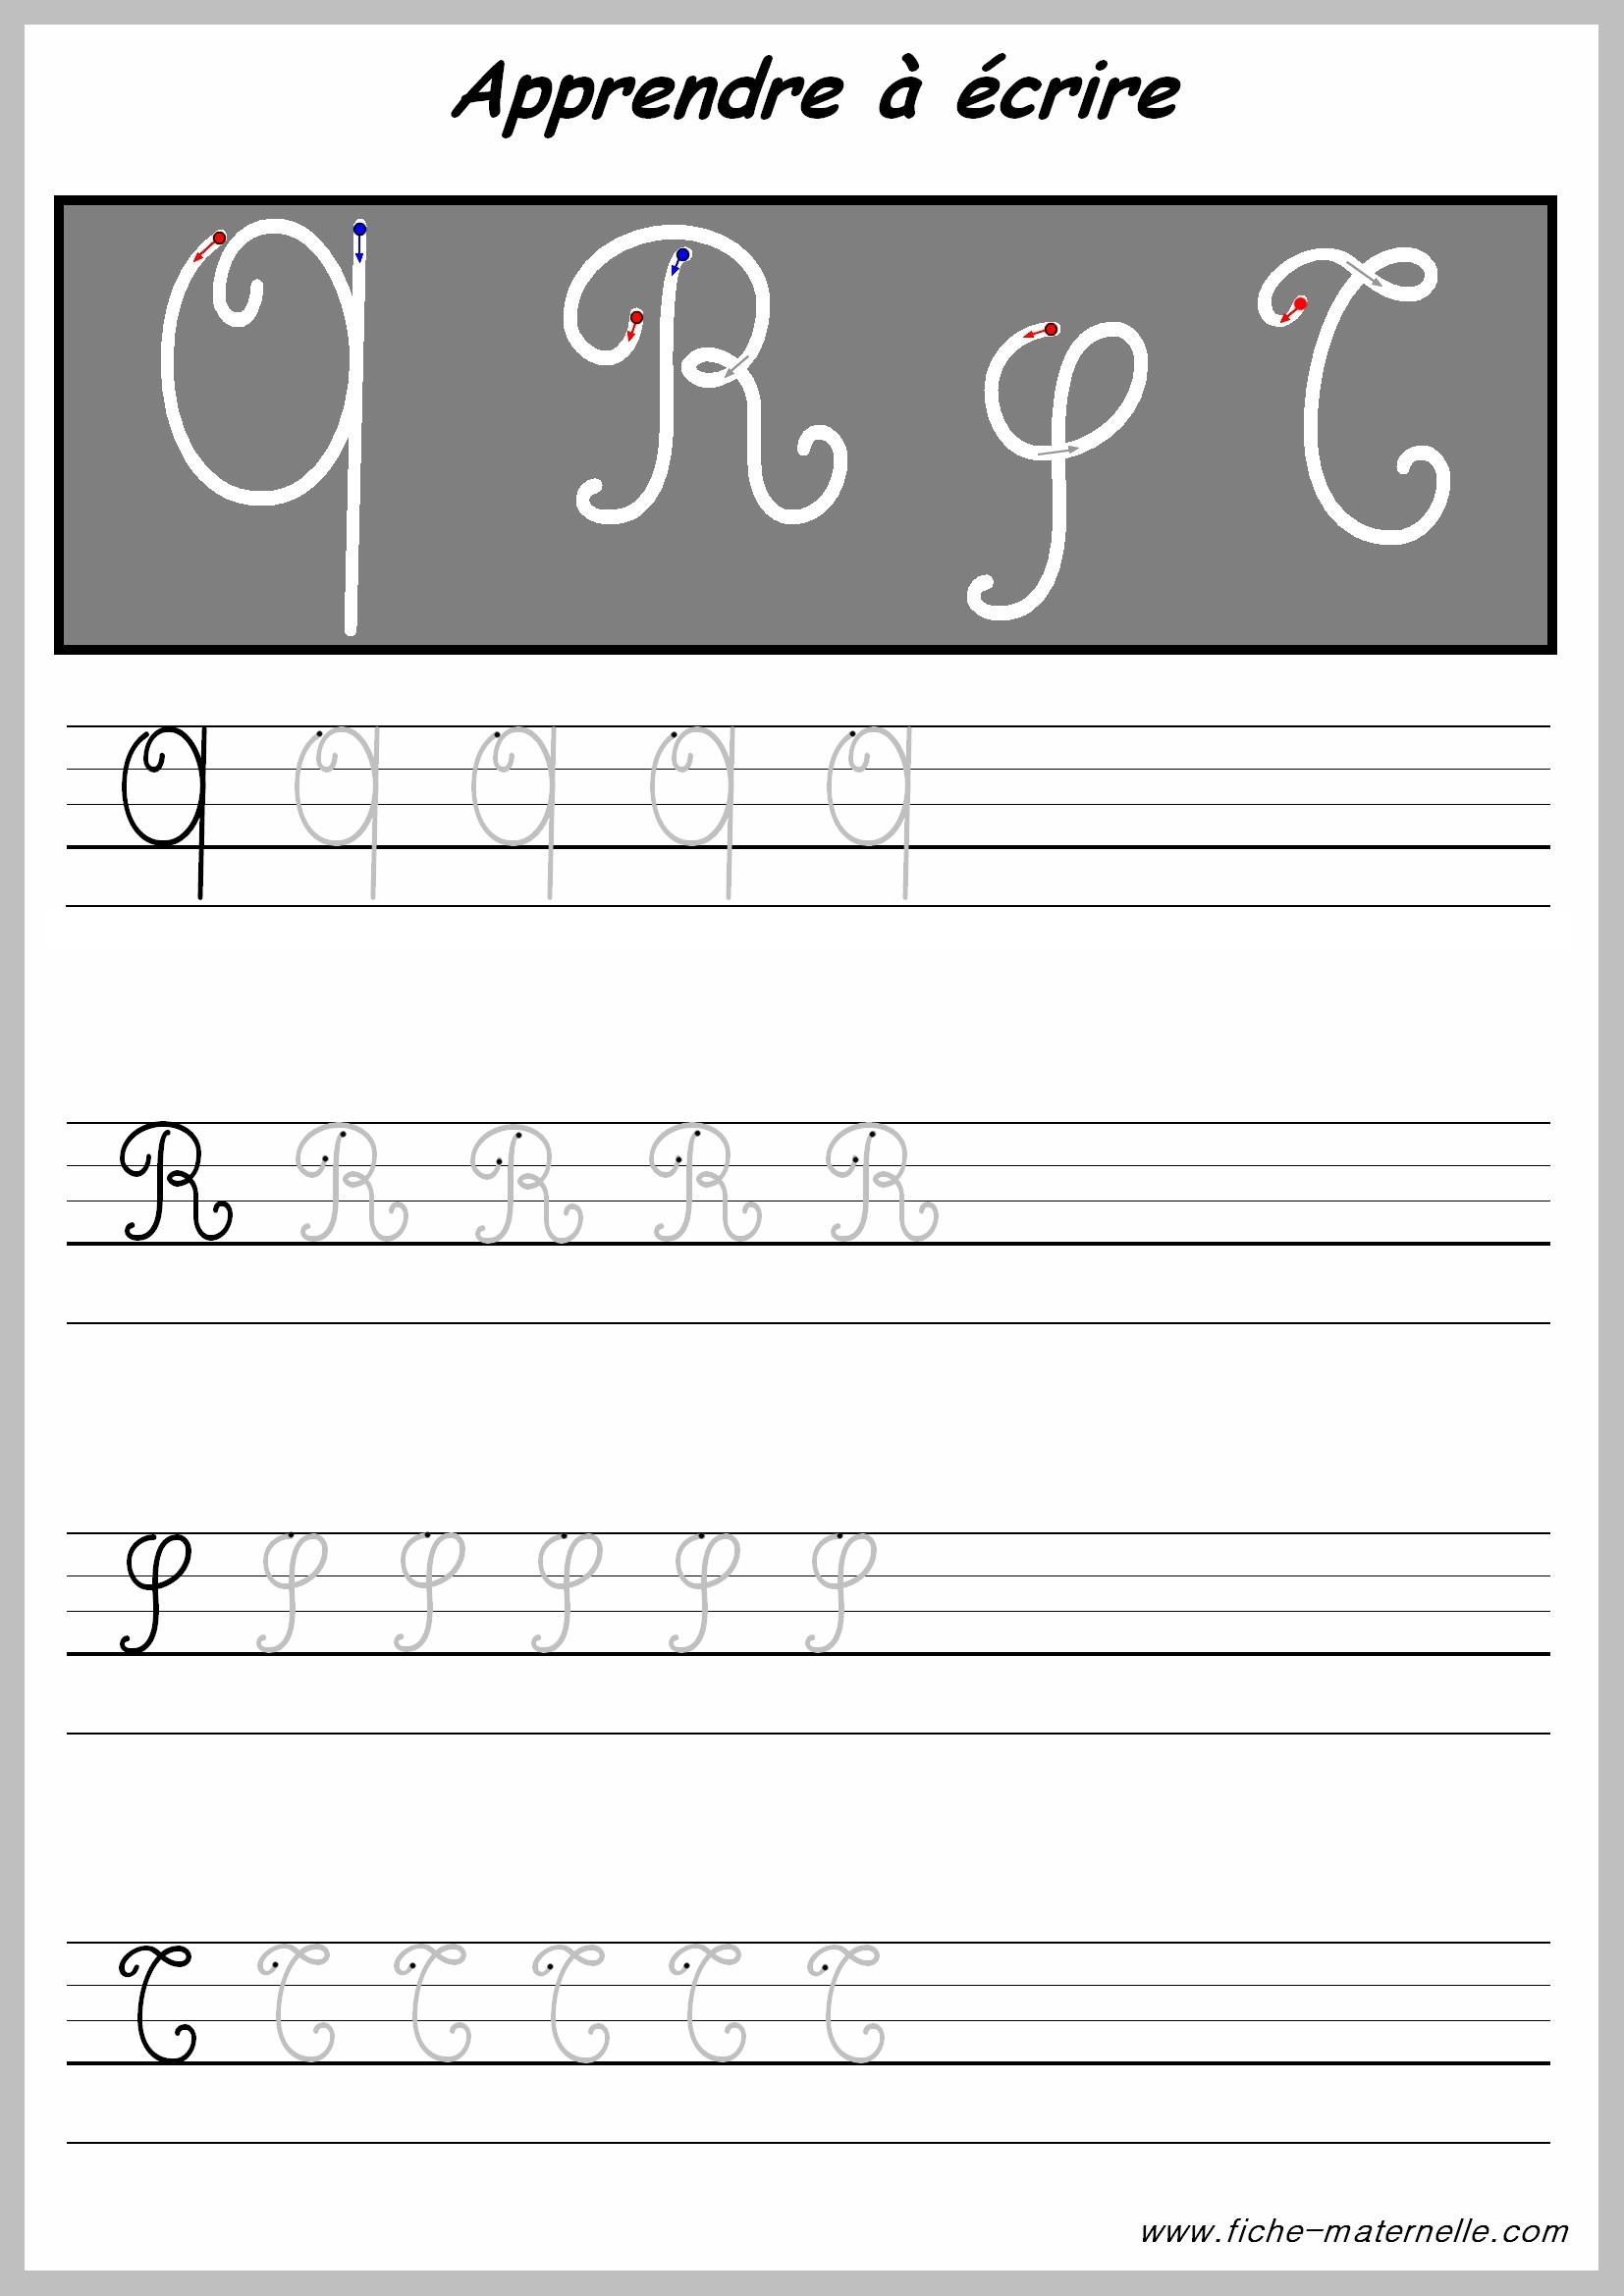 Exercices pour crire les lettres majuscules - K en majuscule ...